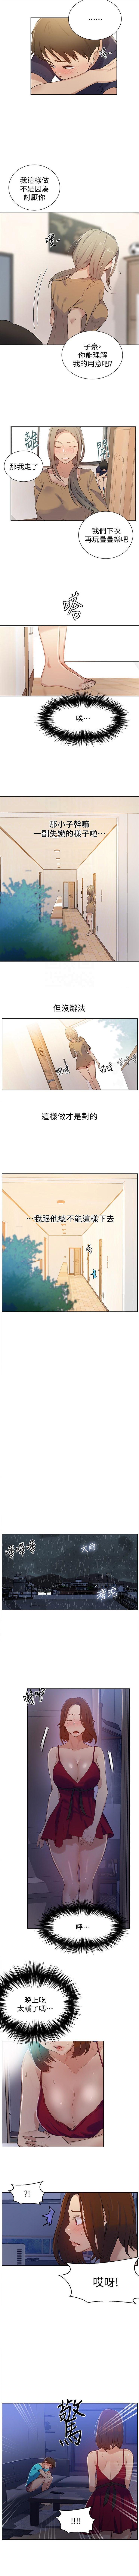 秘密教學  1-50 官方中文(連載中) 124